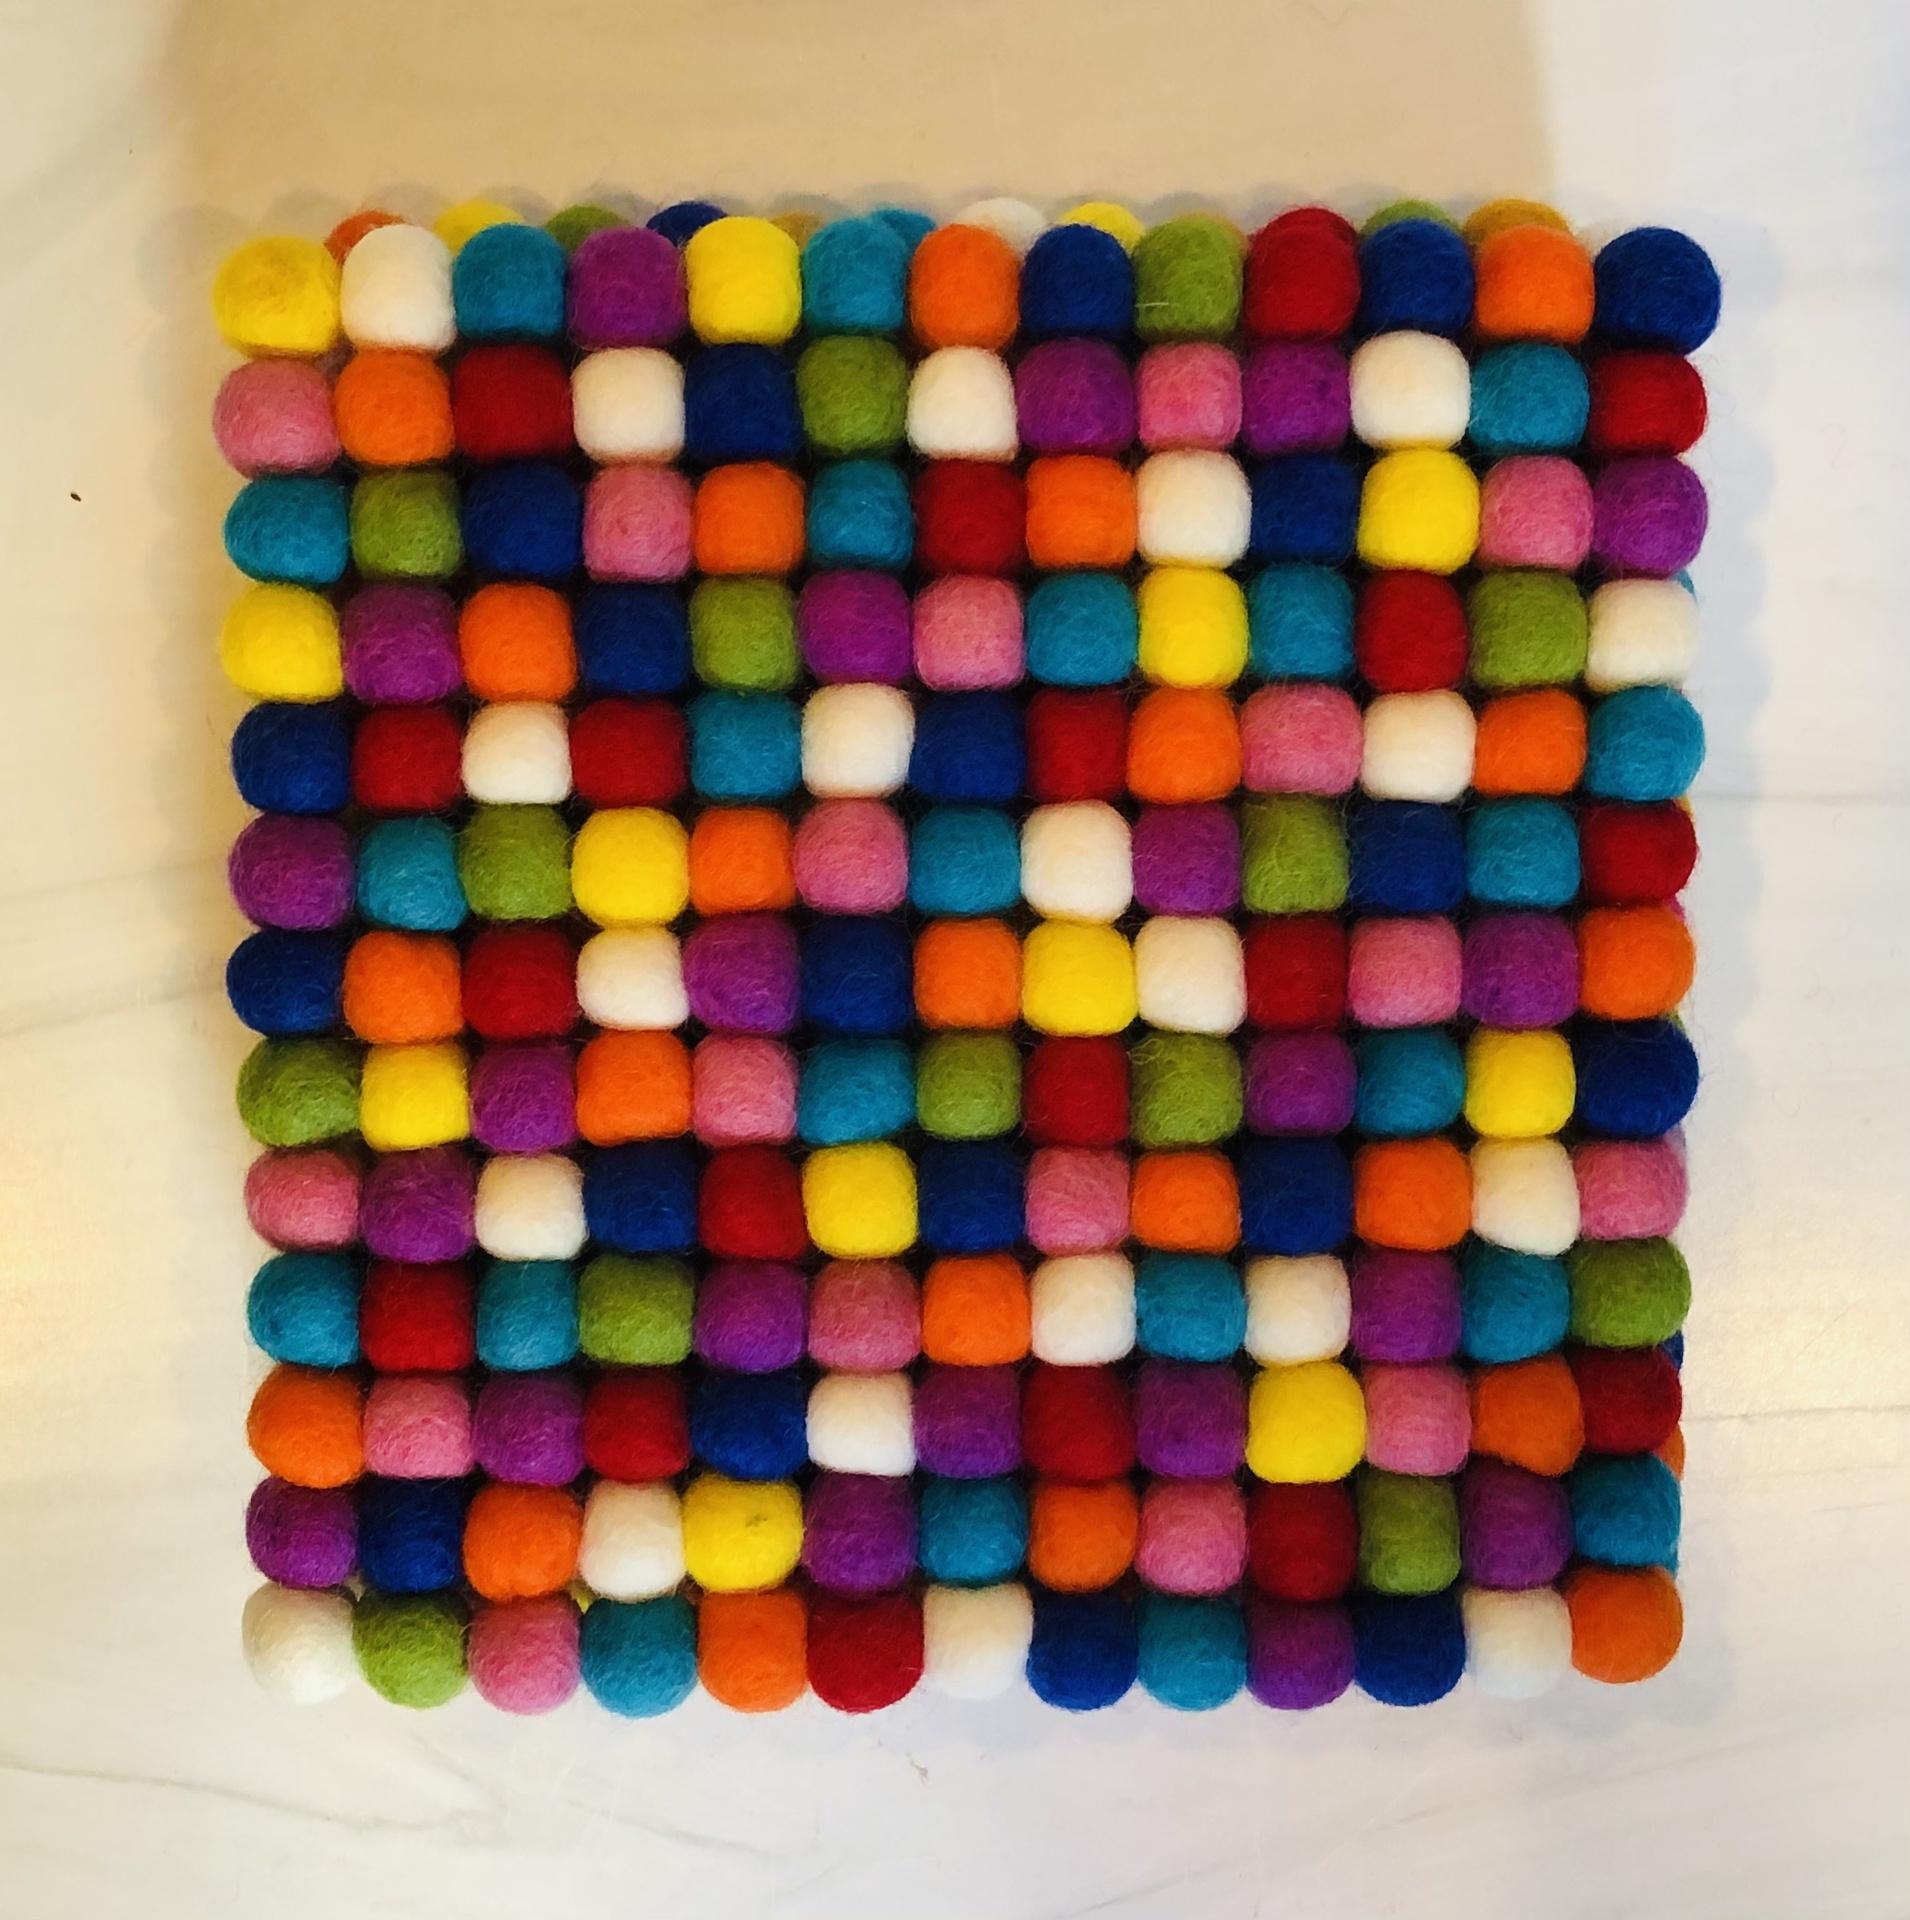 Felt Pom Pom Square Trivet, Multicolored